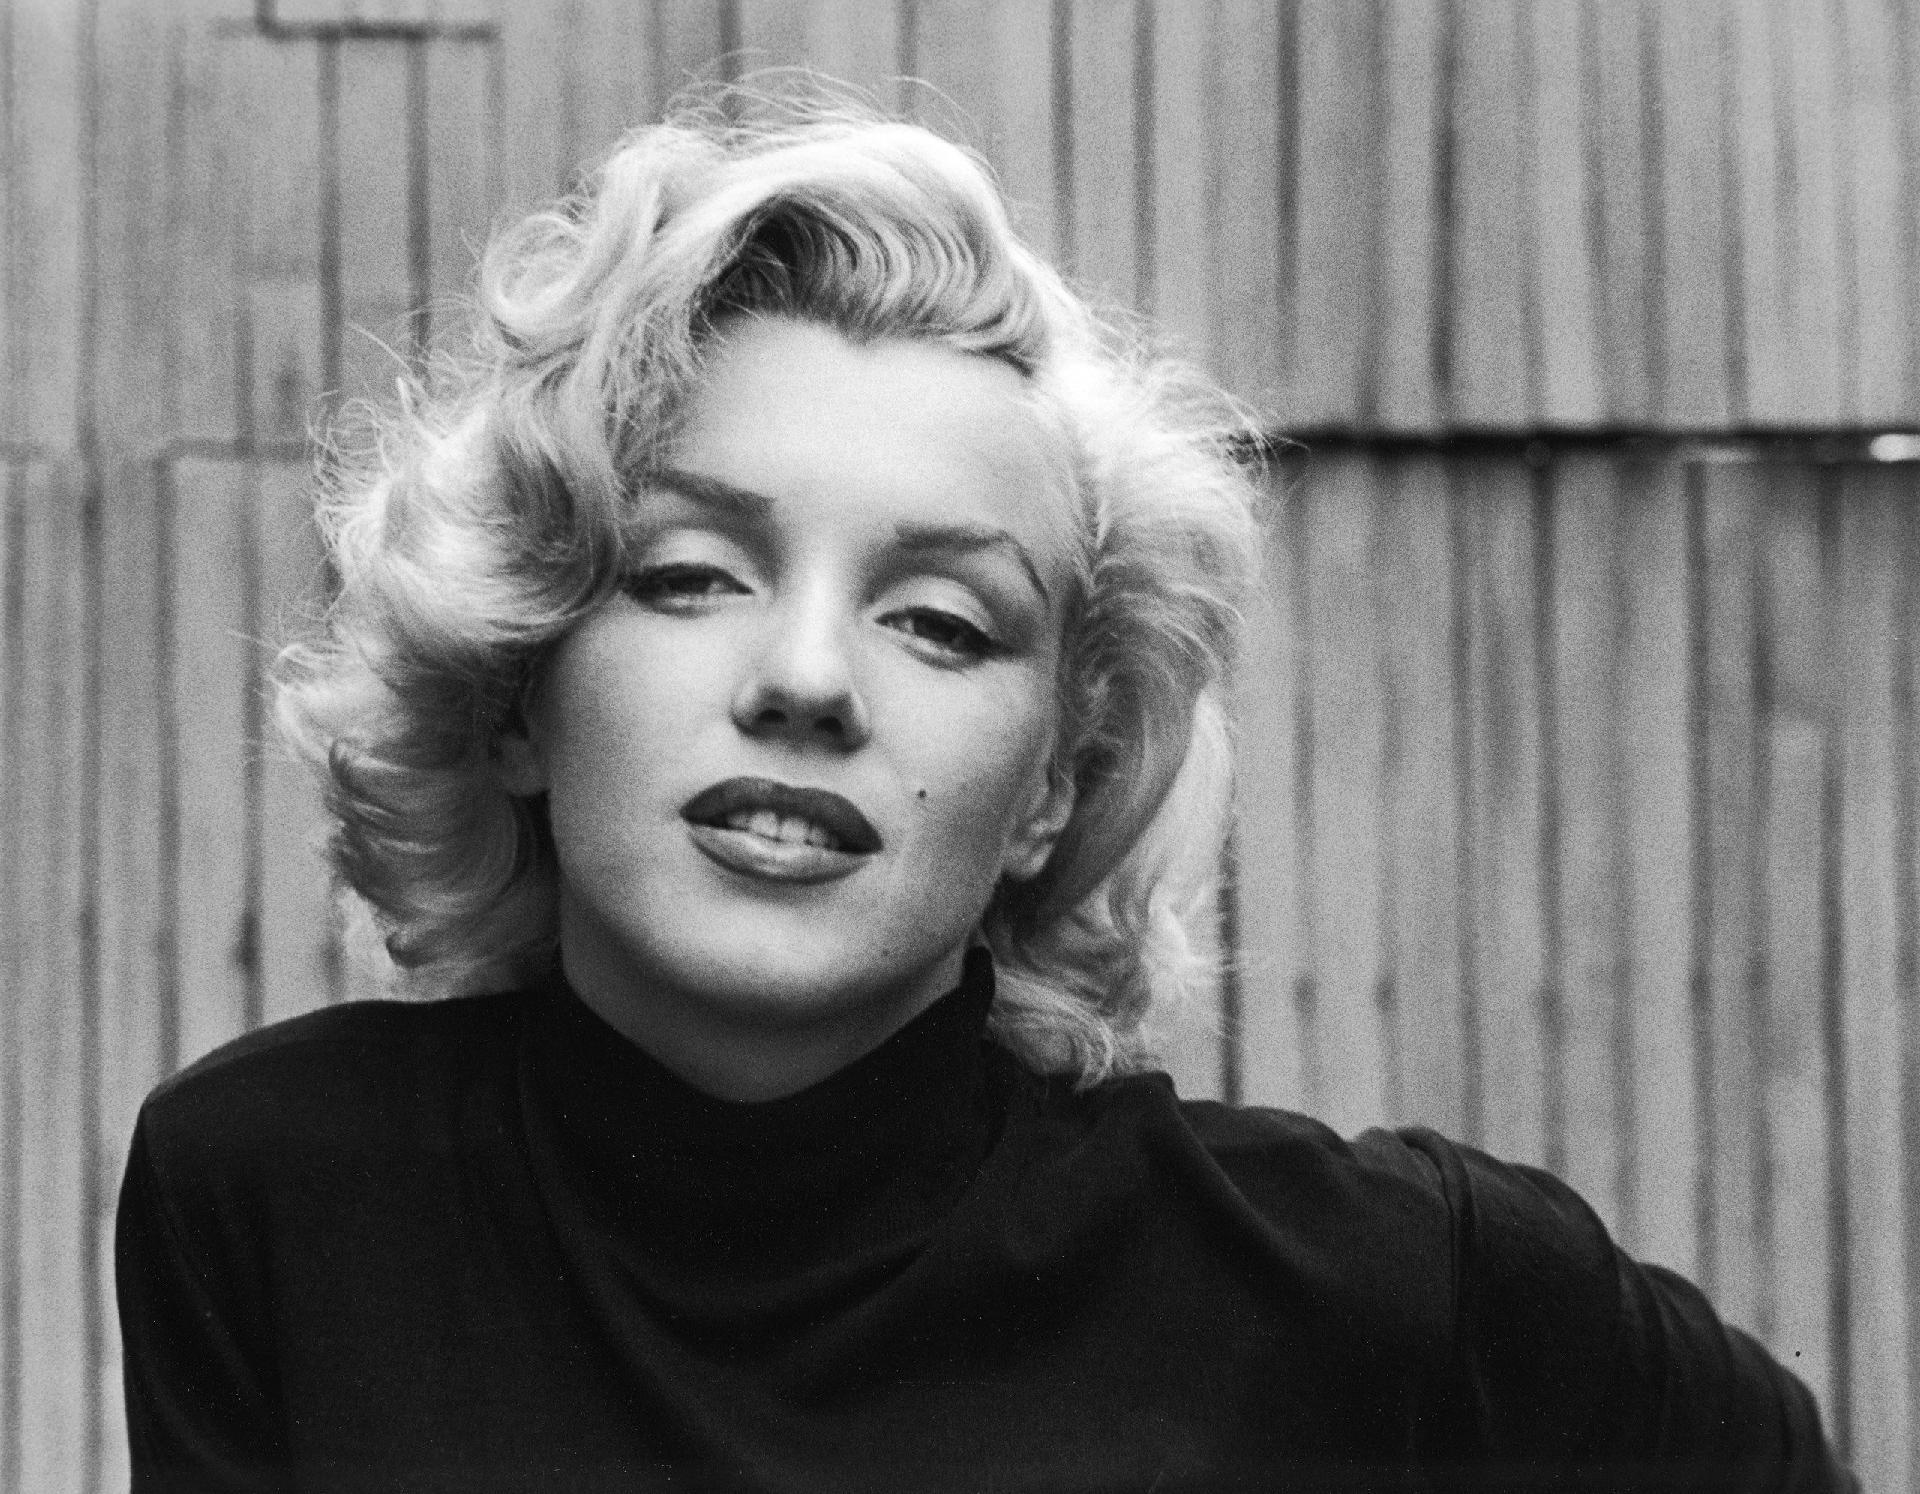 Marilyn Monroe: Série sobre atriz está sendo produzida, diz site